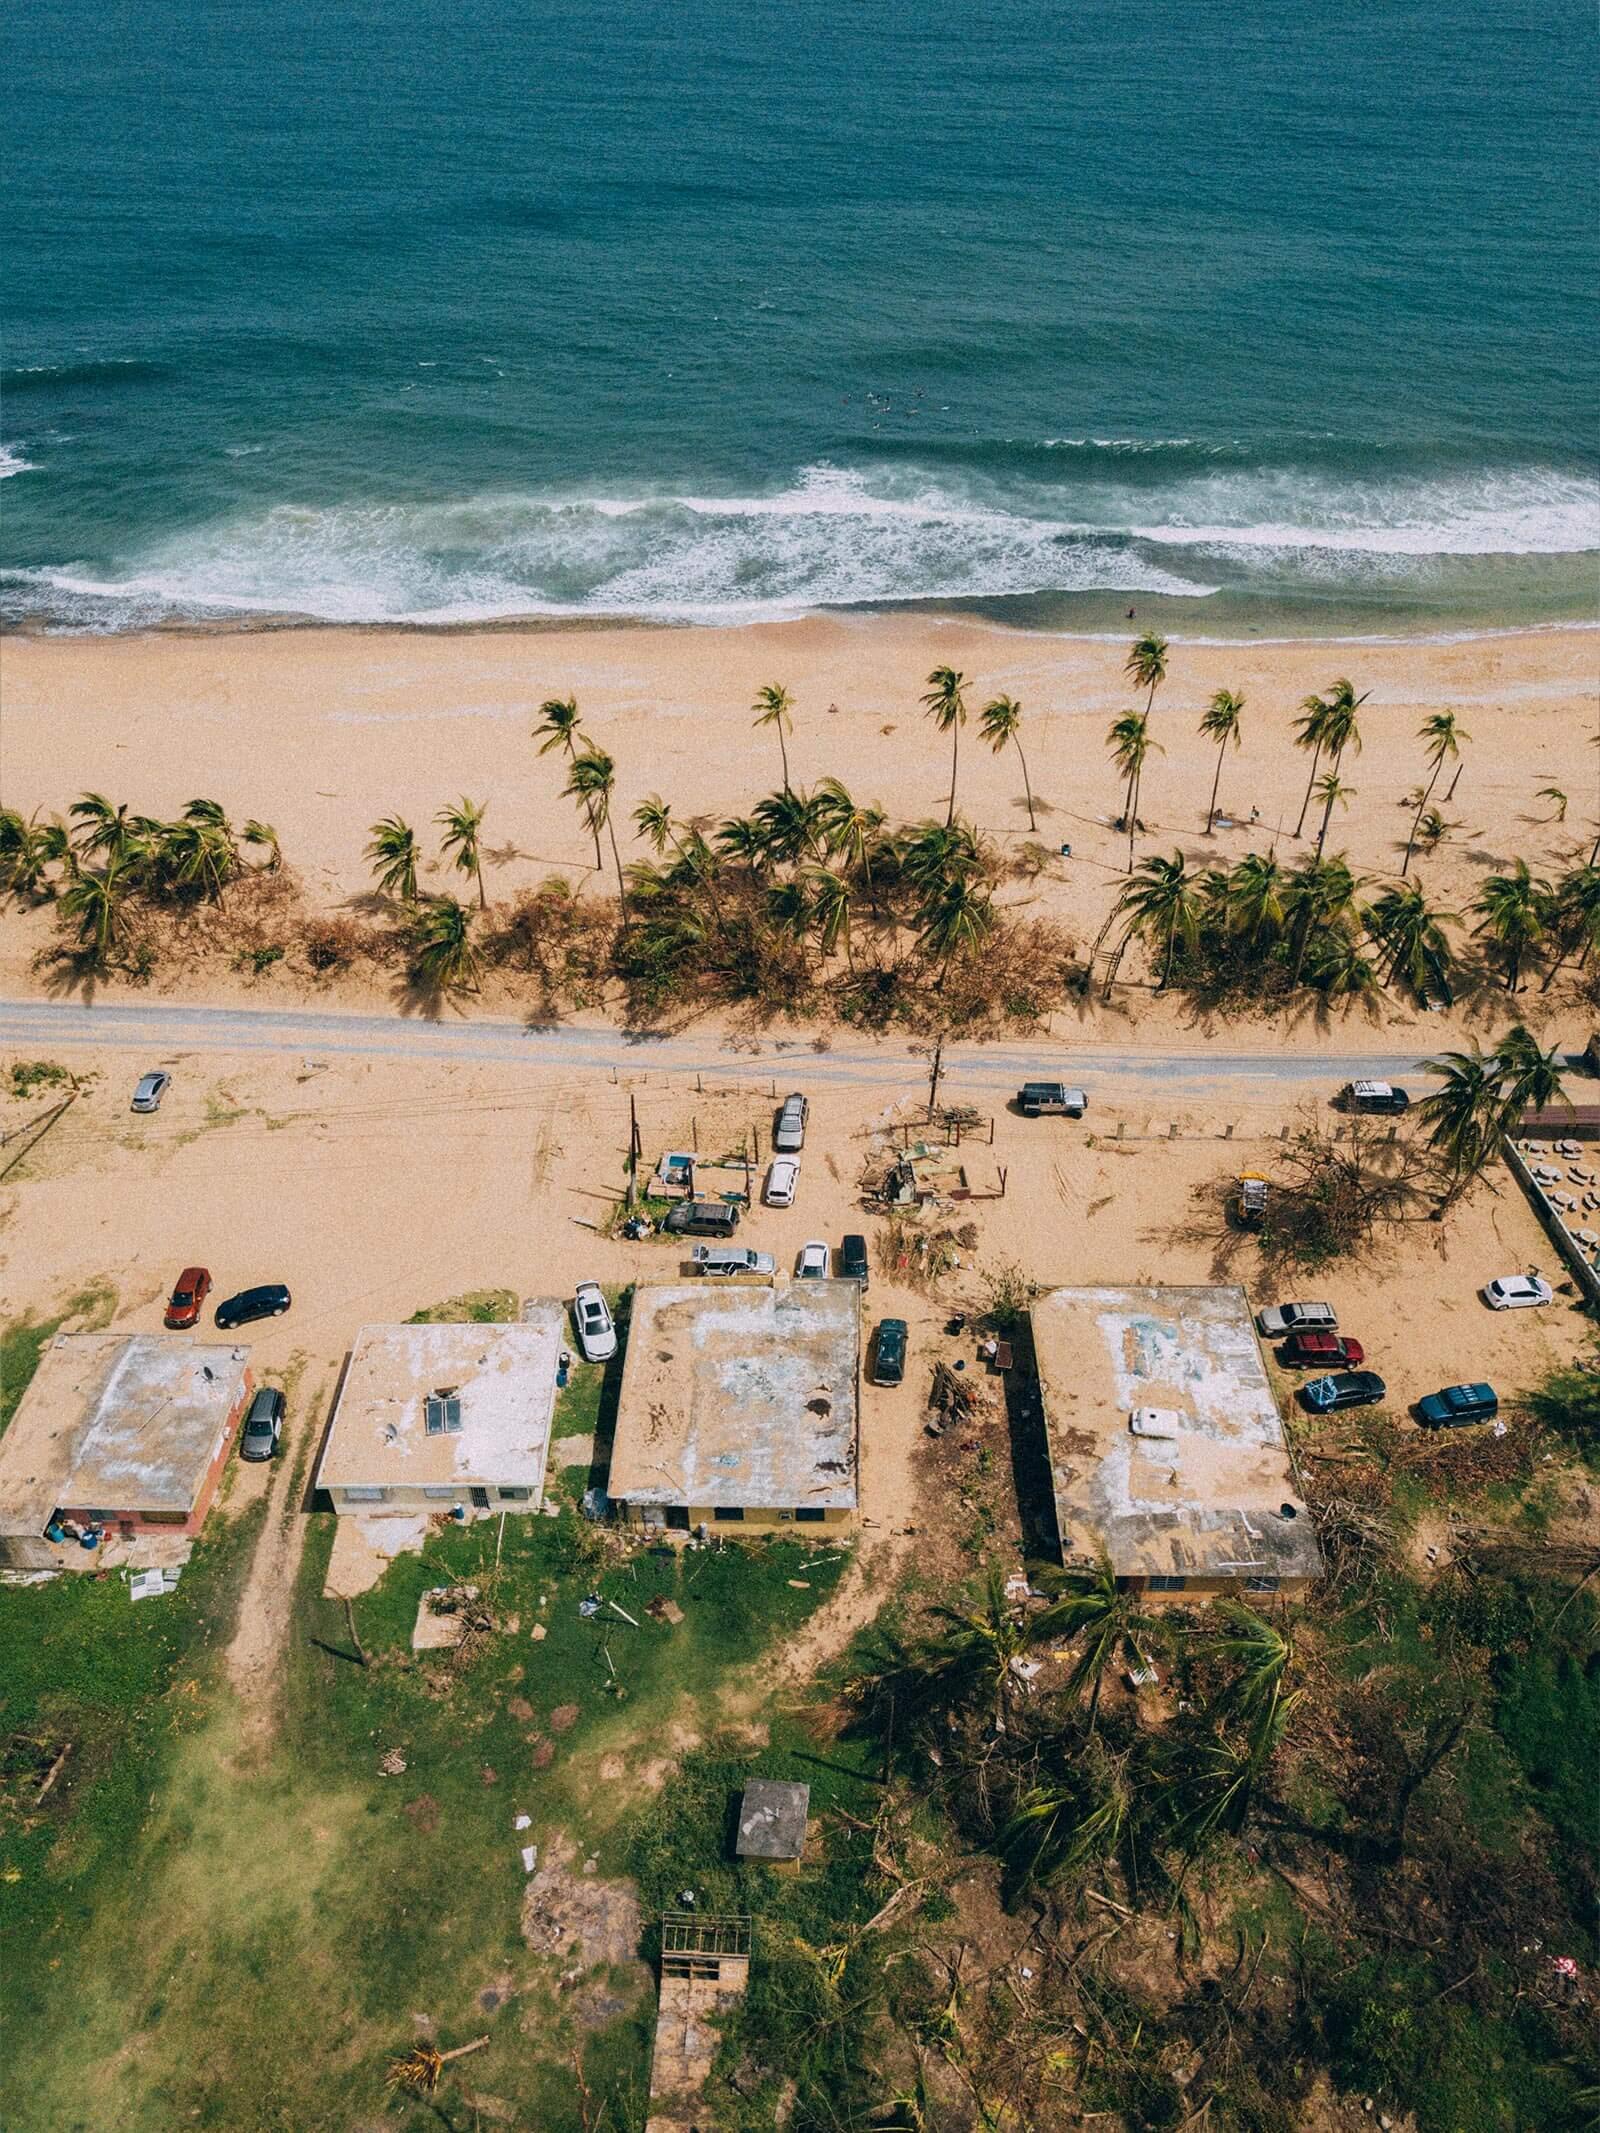 USIC - Póliza de Seguro de Inundación Residencial NFIP